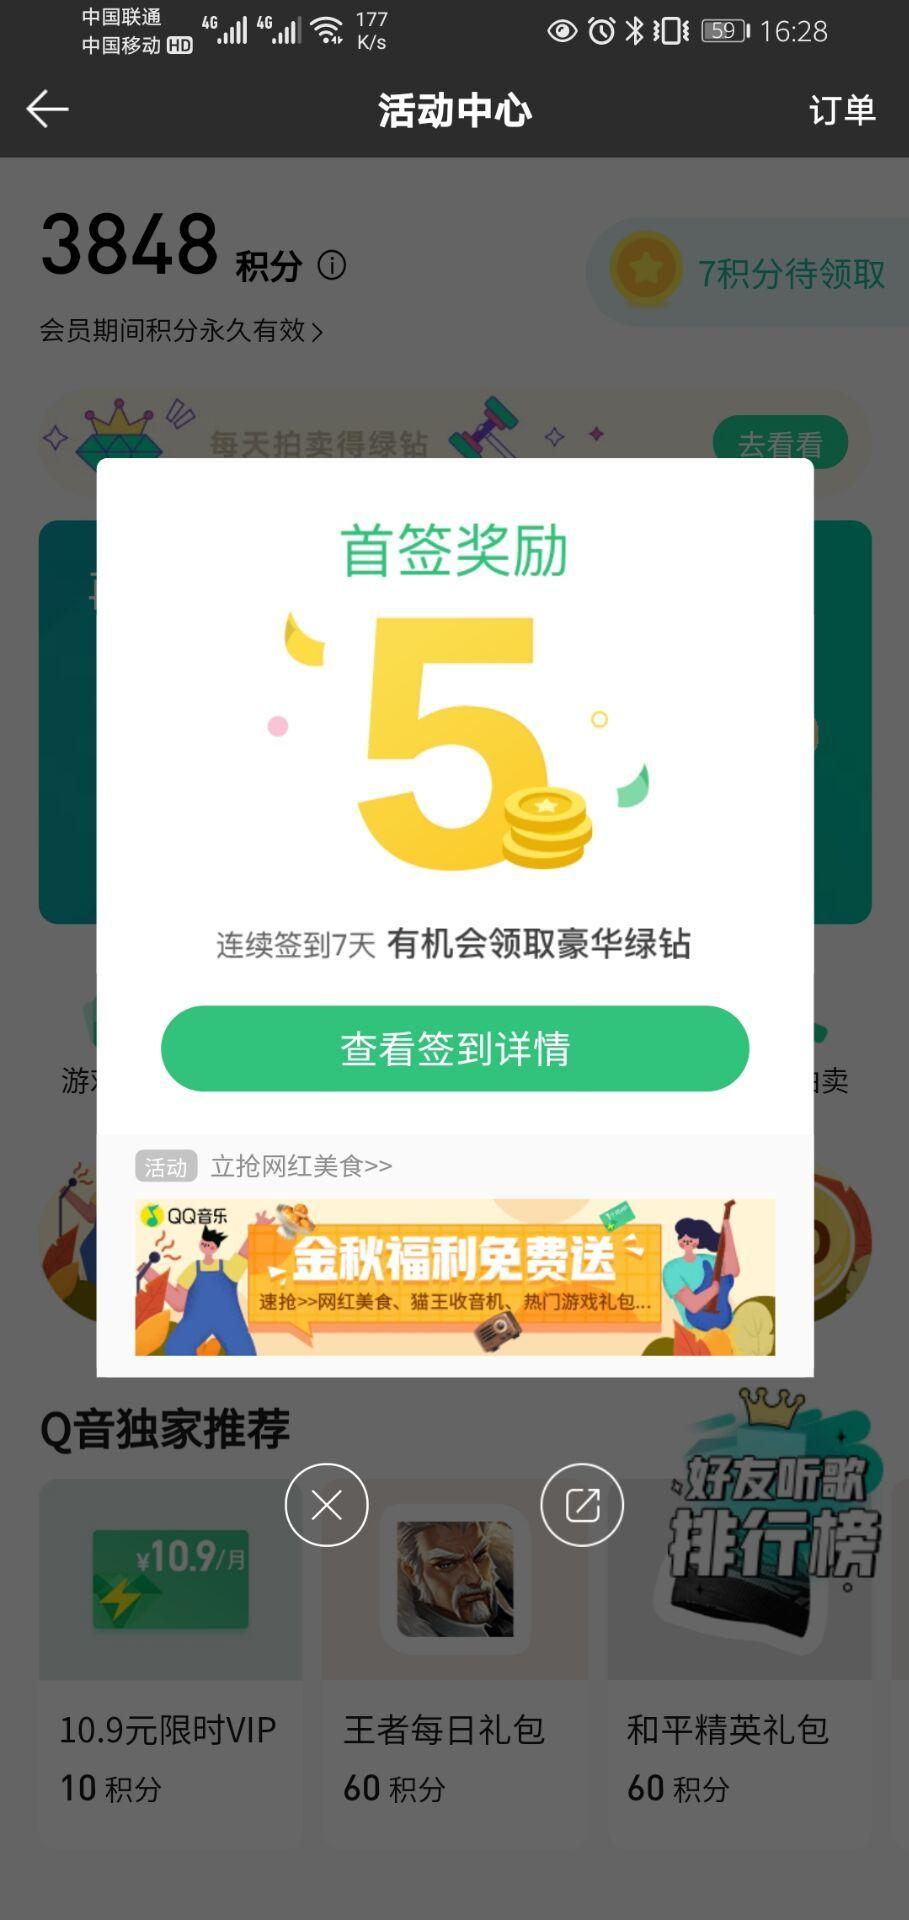 图片[1]-QQ音乐免费领绿钻-飞享资源网